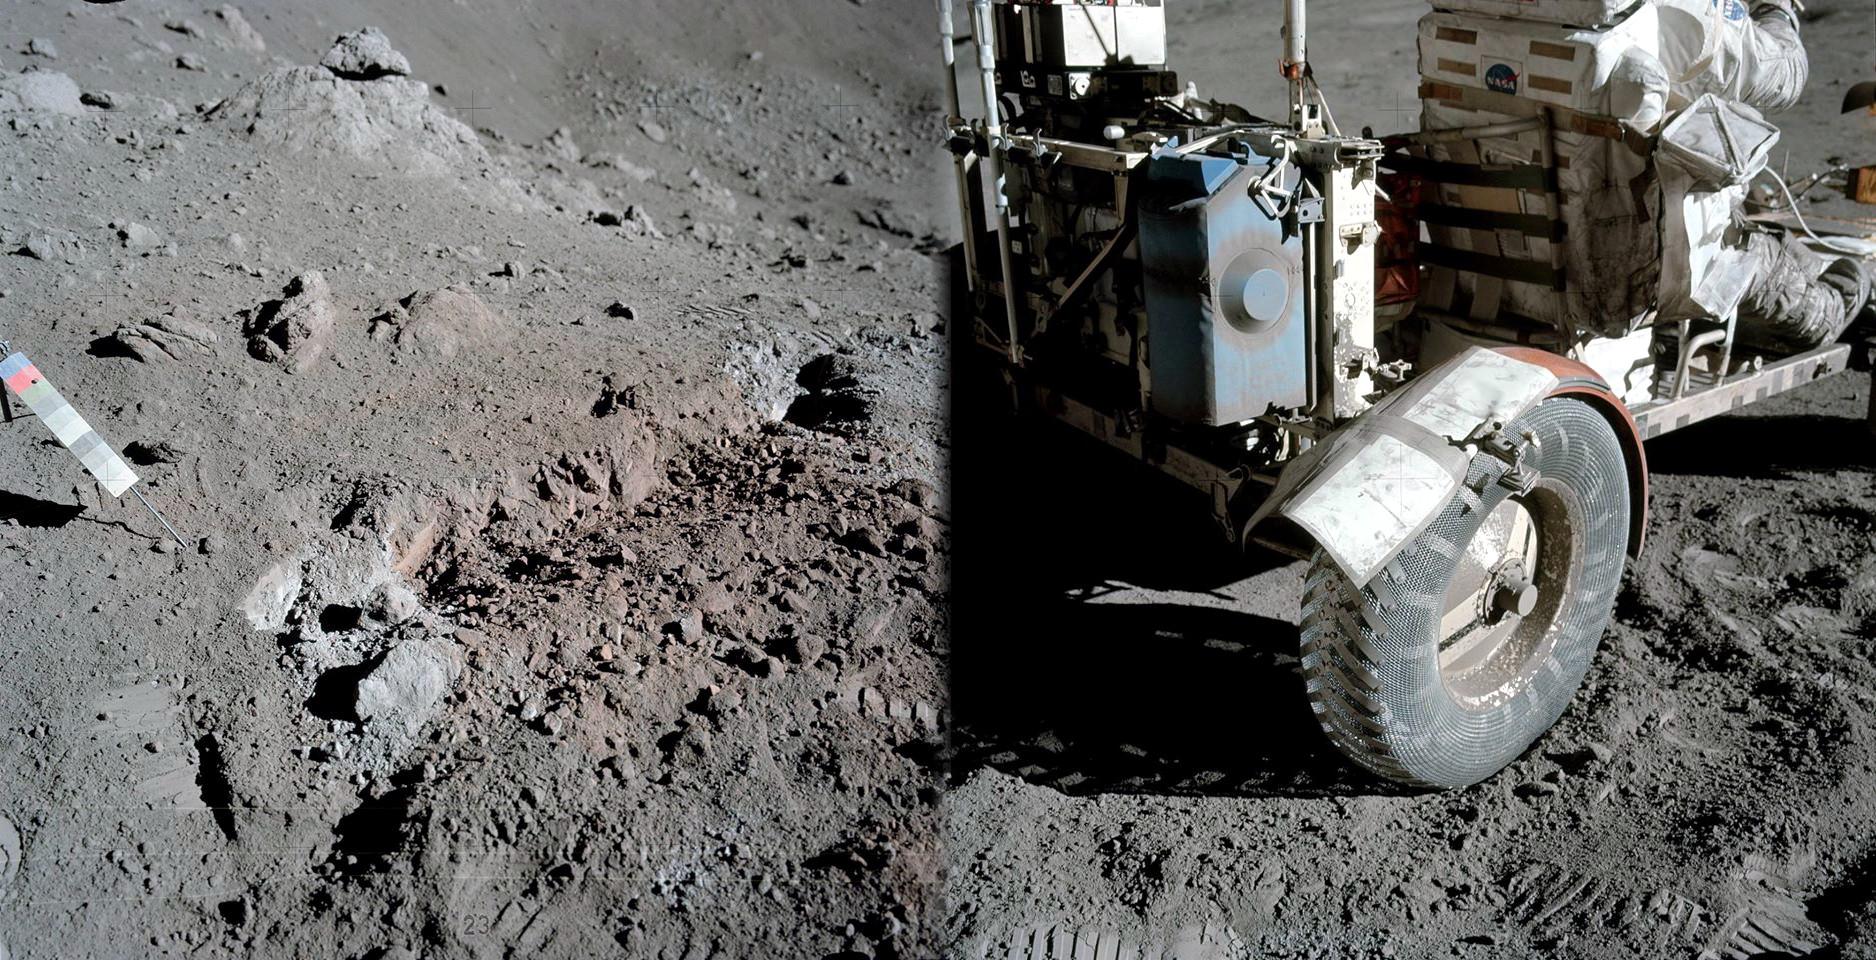 12. prosince 1972 začali Cernan a Schmitt svůj druhý den na Měsíci nejprve opravou blatníku roveru, který se poškodil poté, co o něj nechtěně Cernan zavadil kladívkem. Nový provizorní blatník vyrobili z nepotřebných terénních map a izolepy. V průběhu tohoto výstupu nalezl Jack Schmitt poblíž kráteru Shorty oranžovou půdu. Na rozdíl od předchozí výpravy, která si myslela, že nalezla oranžovou půdu - přitom to byl jen odraz od lunárního modulu -, šlo tentokrát skutečně o půdu zbarvenou oxidem titaničitým. Její stáří je asi 3,64 miliard let a pochází nejspíše z pradávné vulkanické erupce